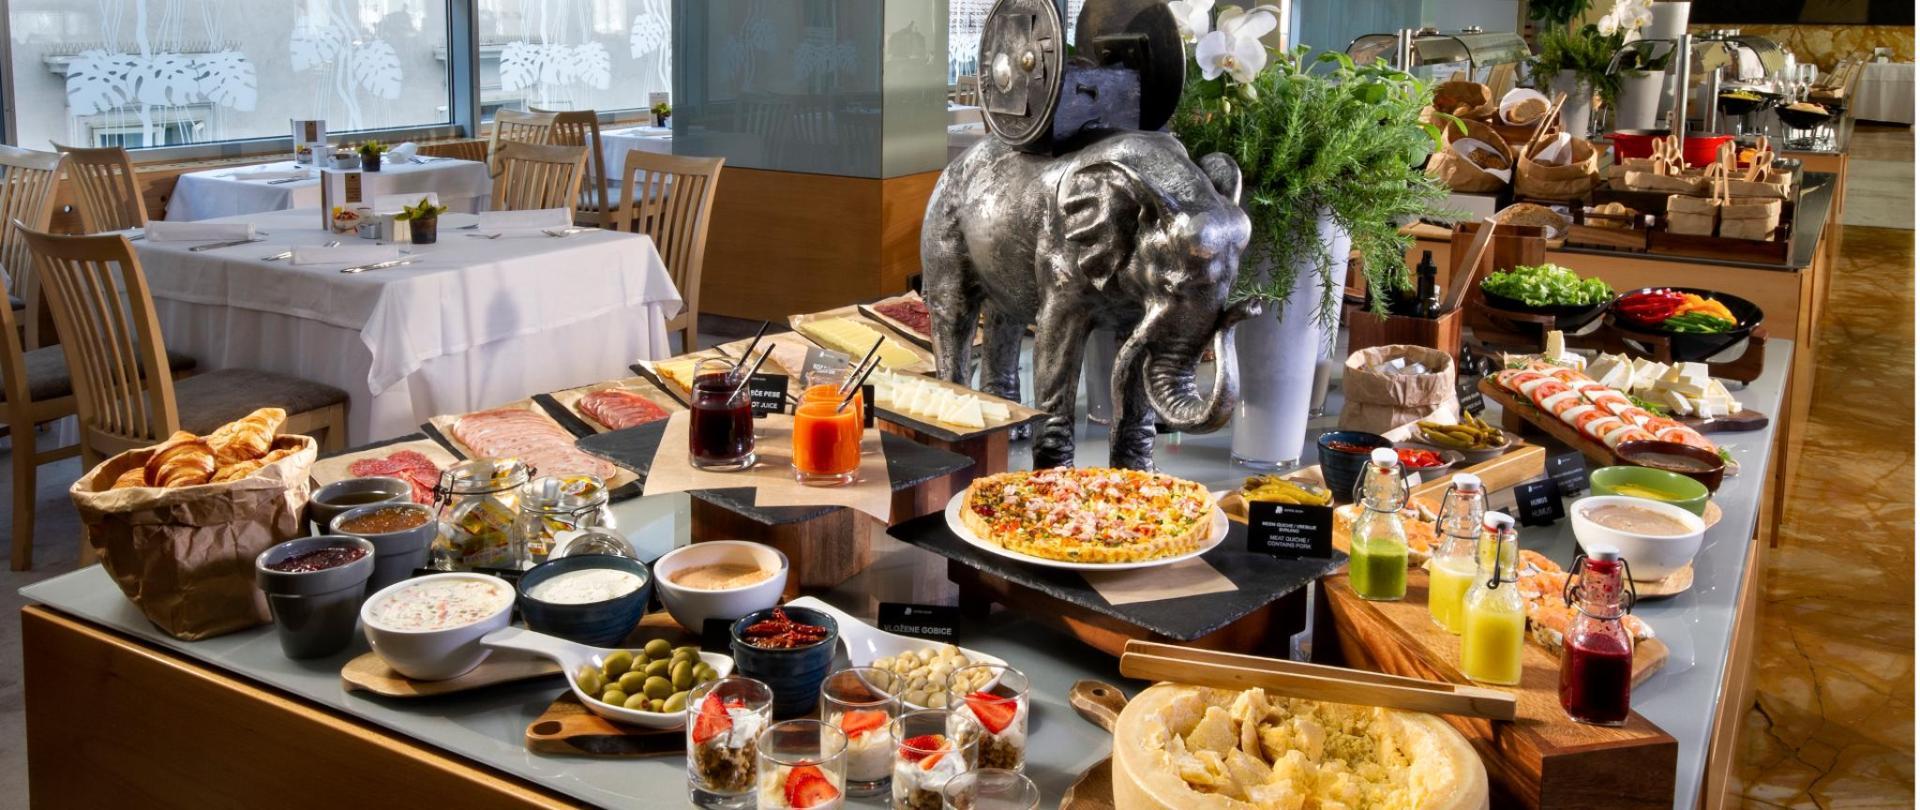 HotelSlon_ByZigaKoritnik2018_breakfast buffet-front.png